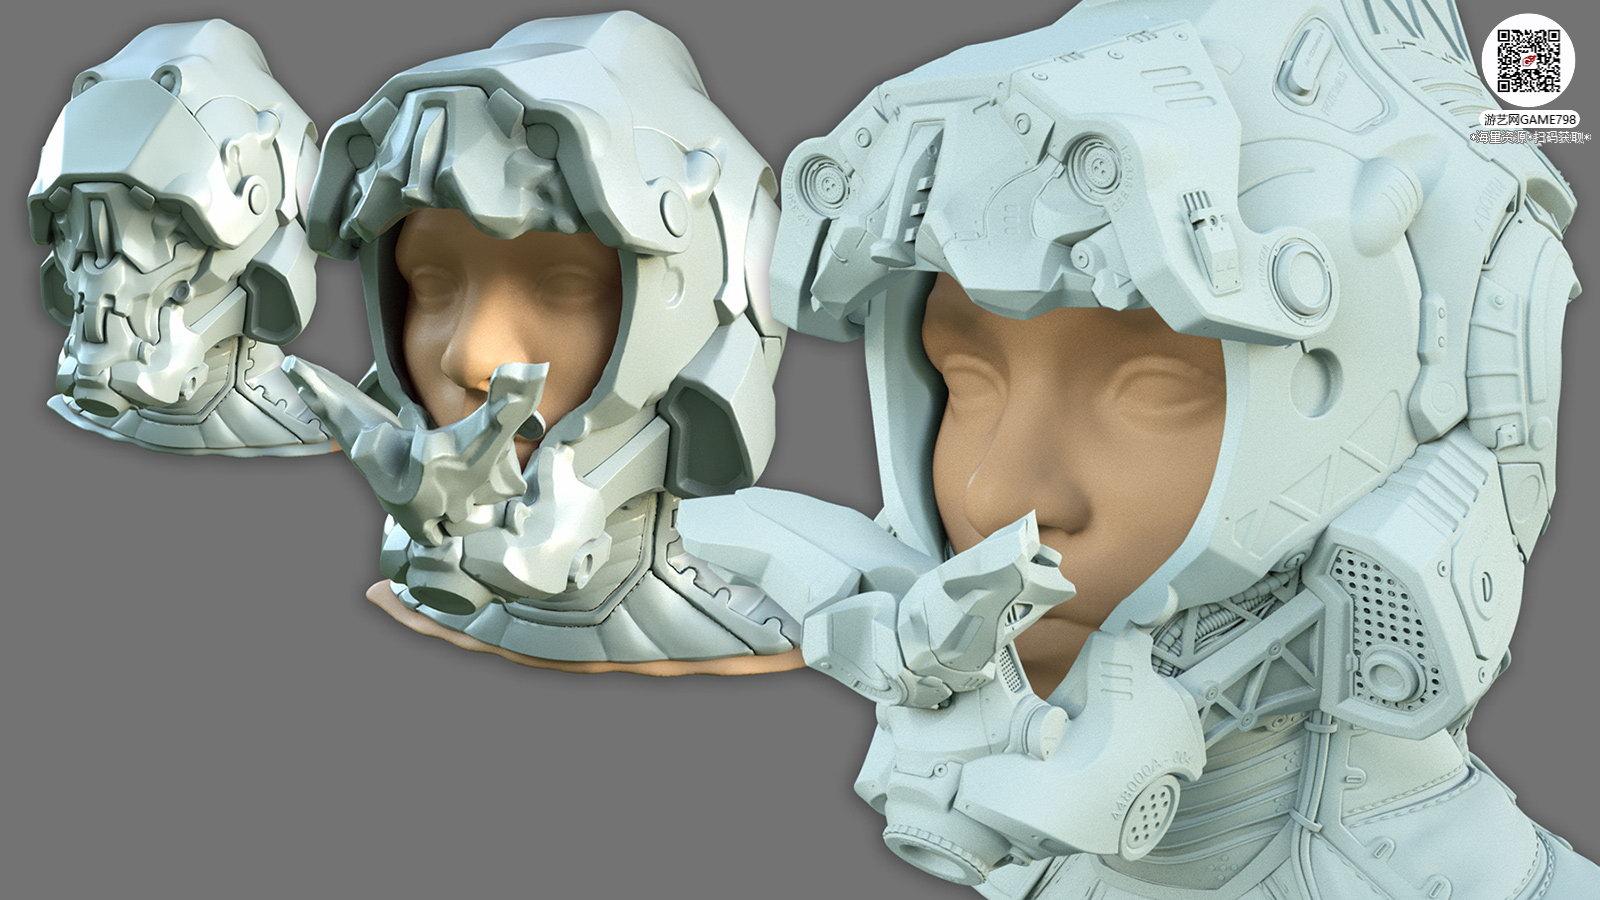 037_关注游艺网公众号获海量资源_3D网游次世代模型大图参考机械怪兽科幻ZBrush4R8雕刻.jpg